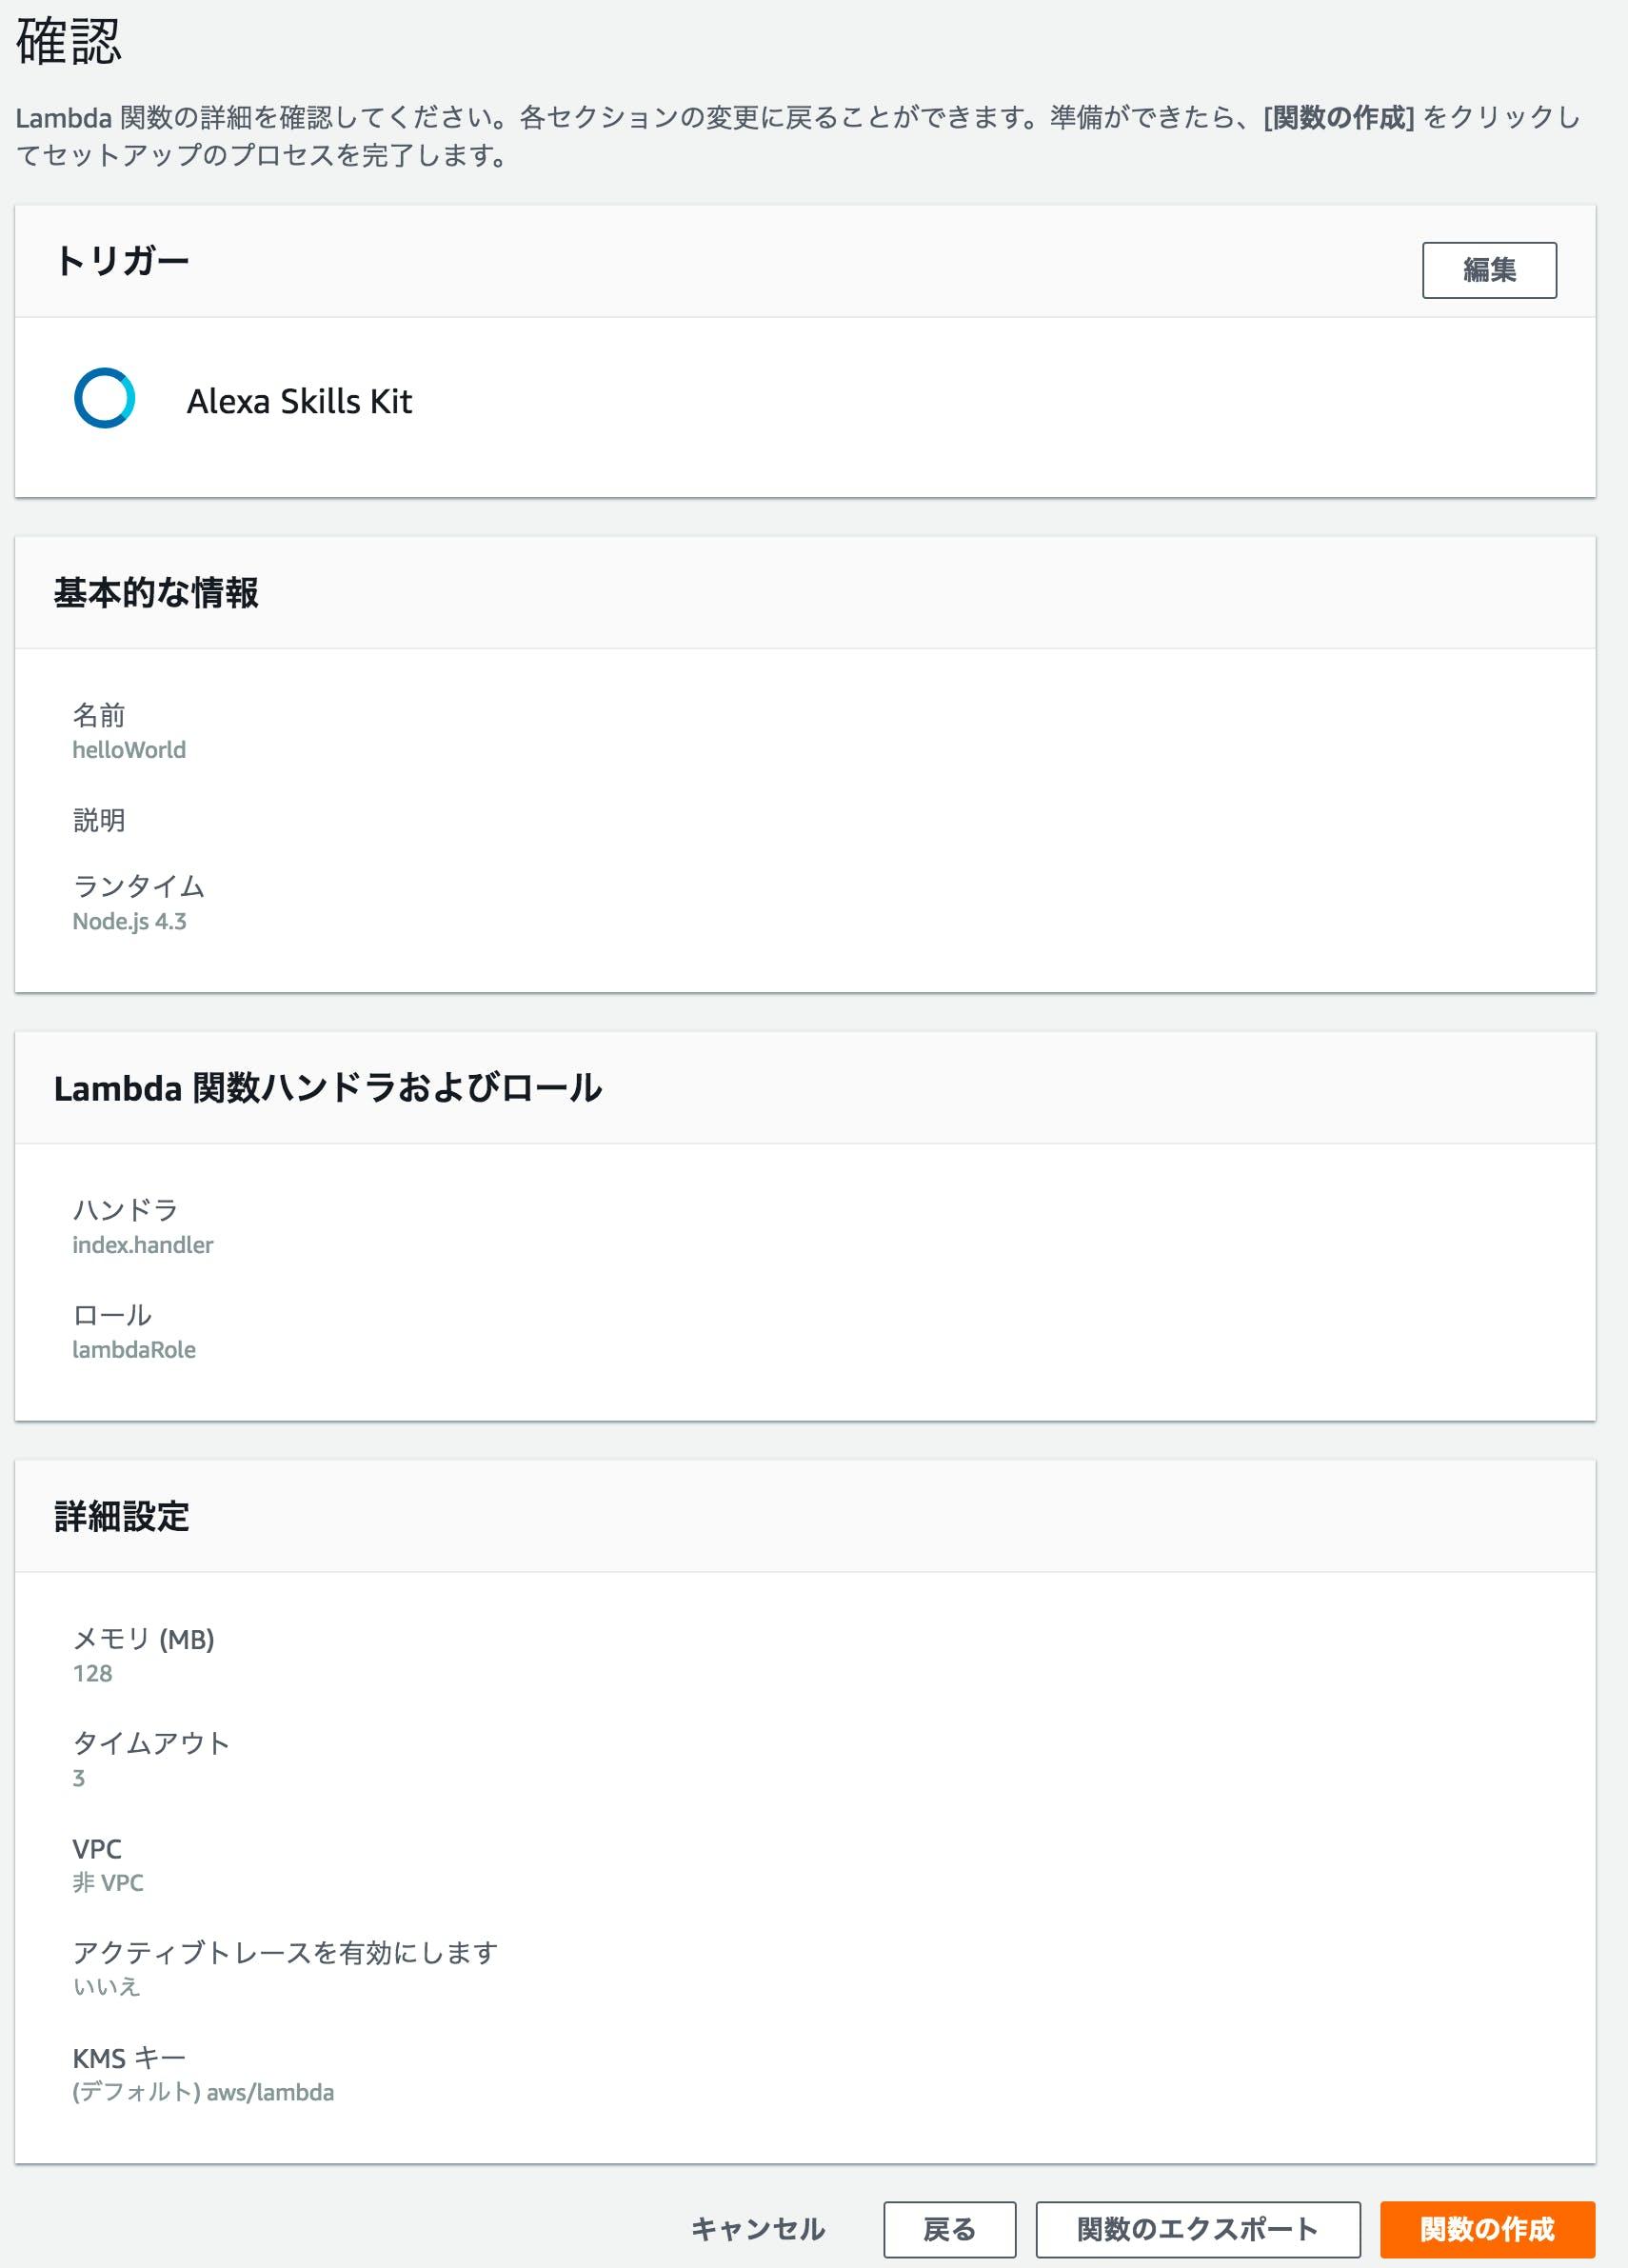 スクリーンショット 2017-08-27 17.07.44.png